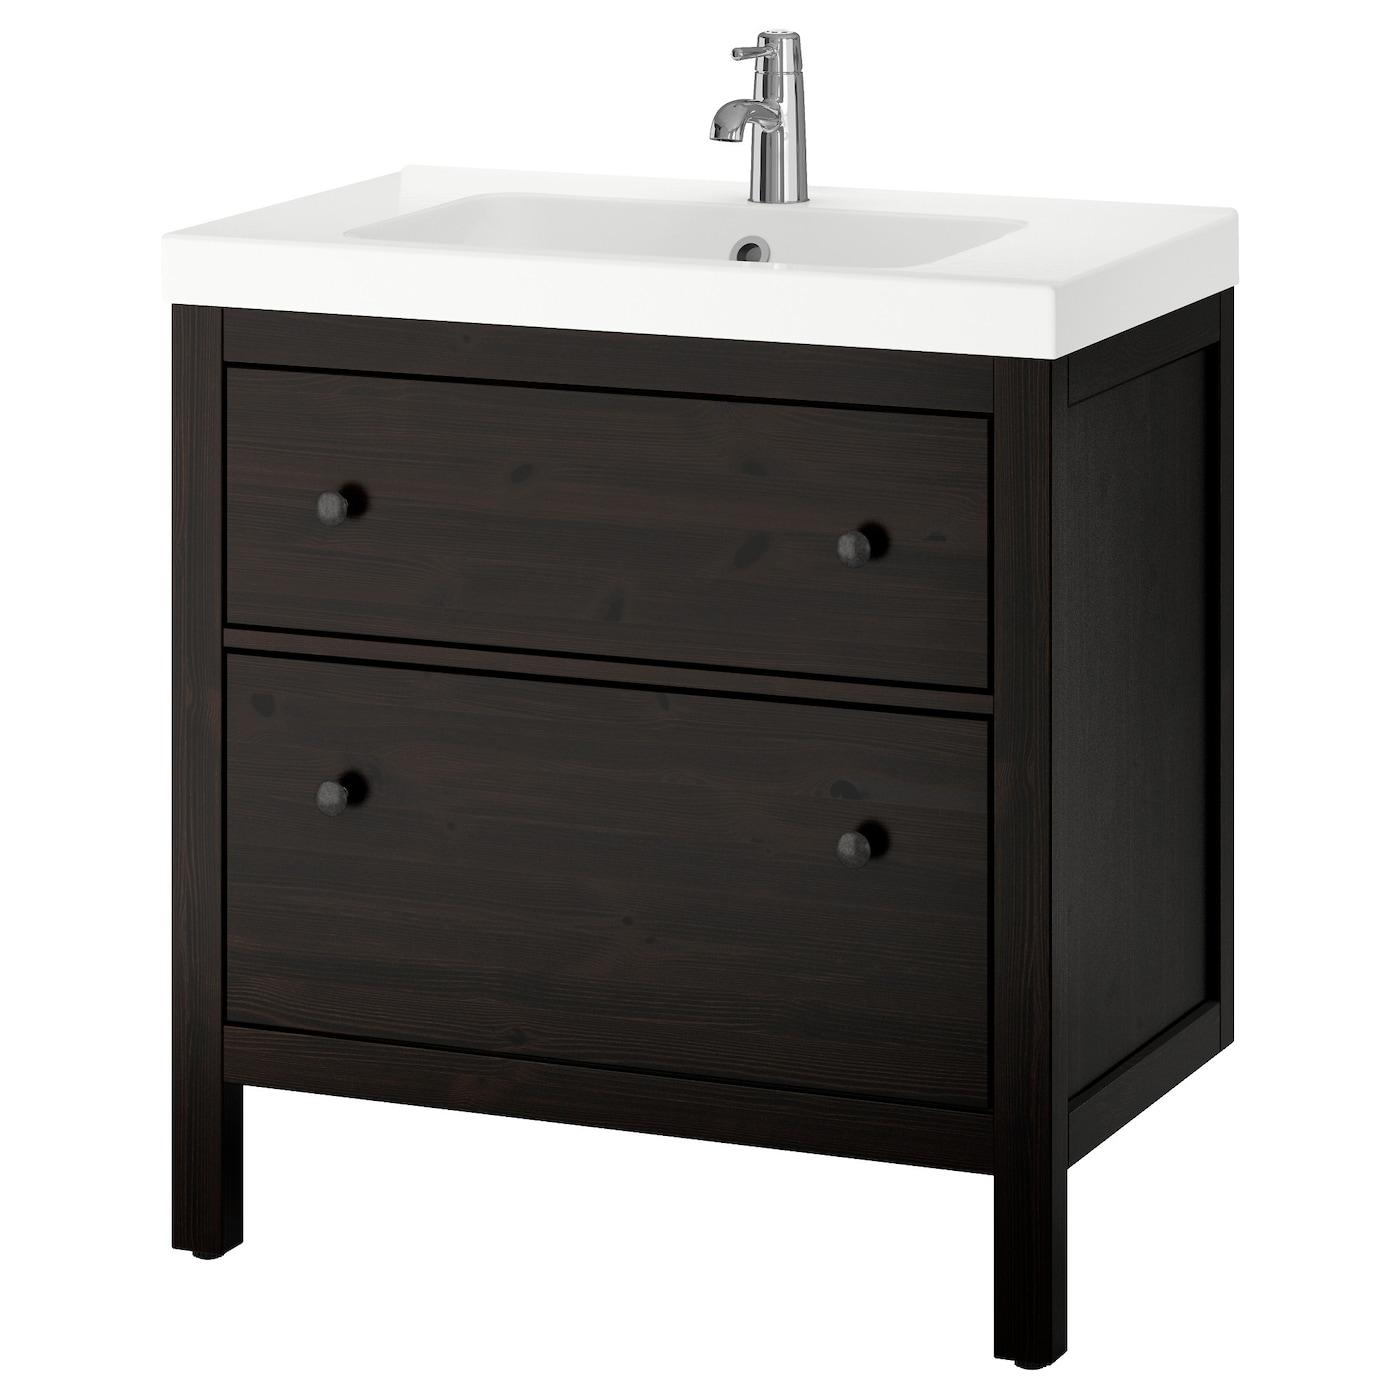 Odensvik hemnes meuble lavabo 2tir teinture noir brun for Meuble noir ikea